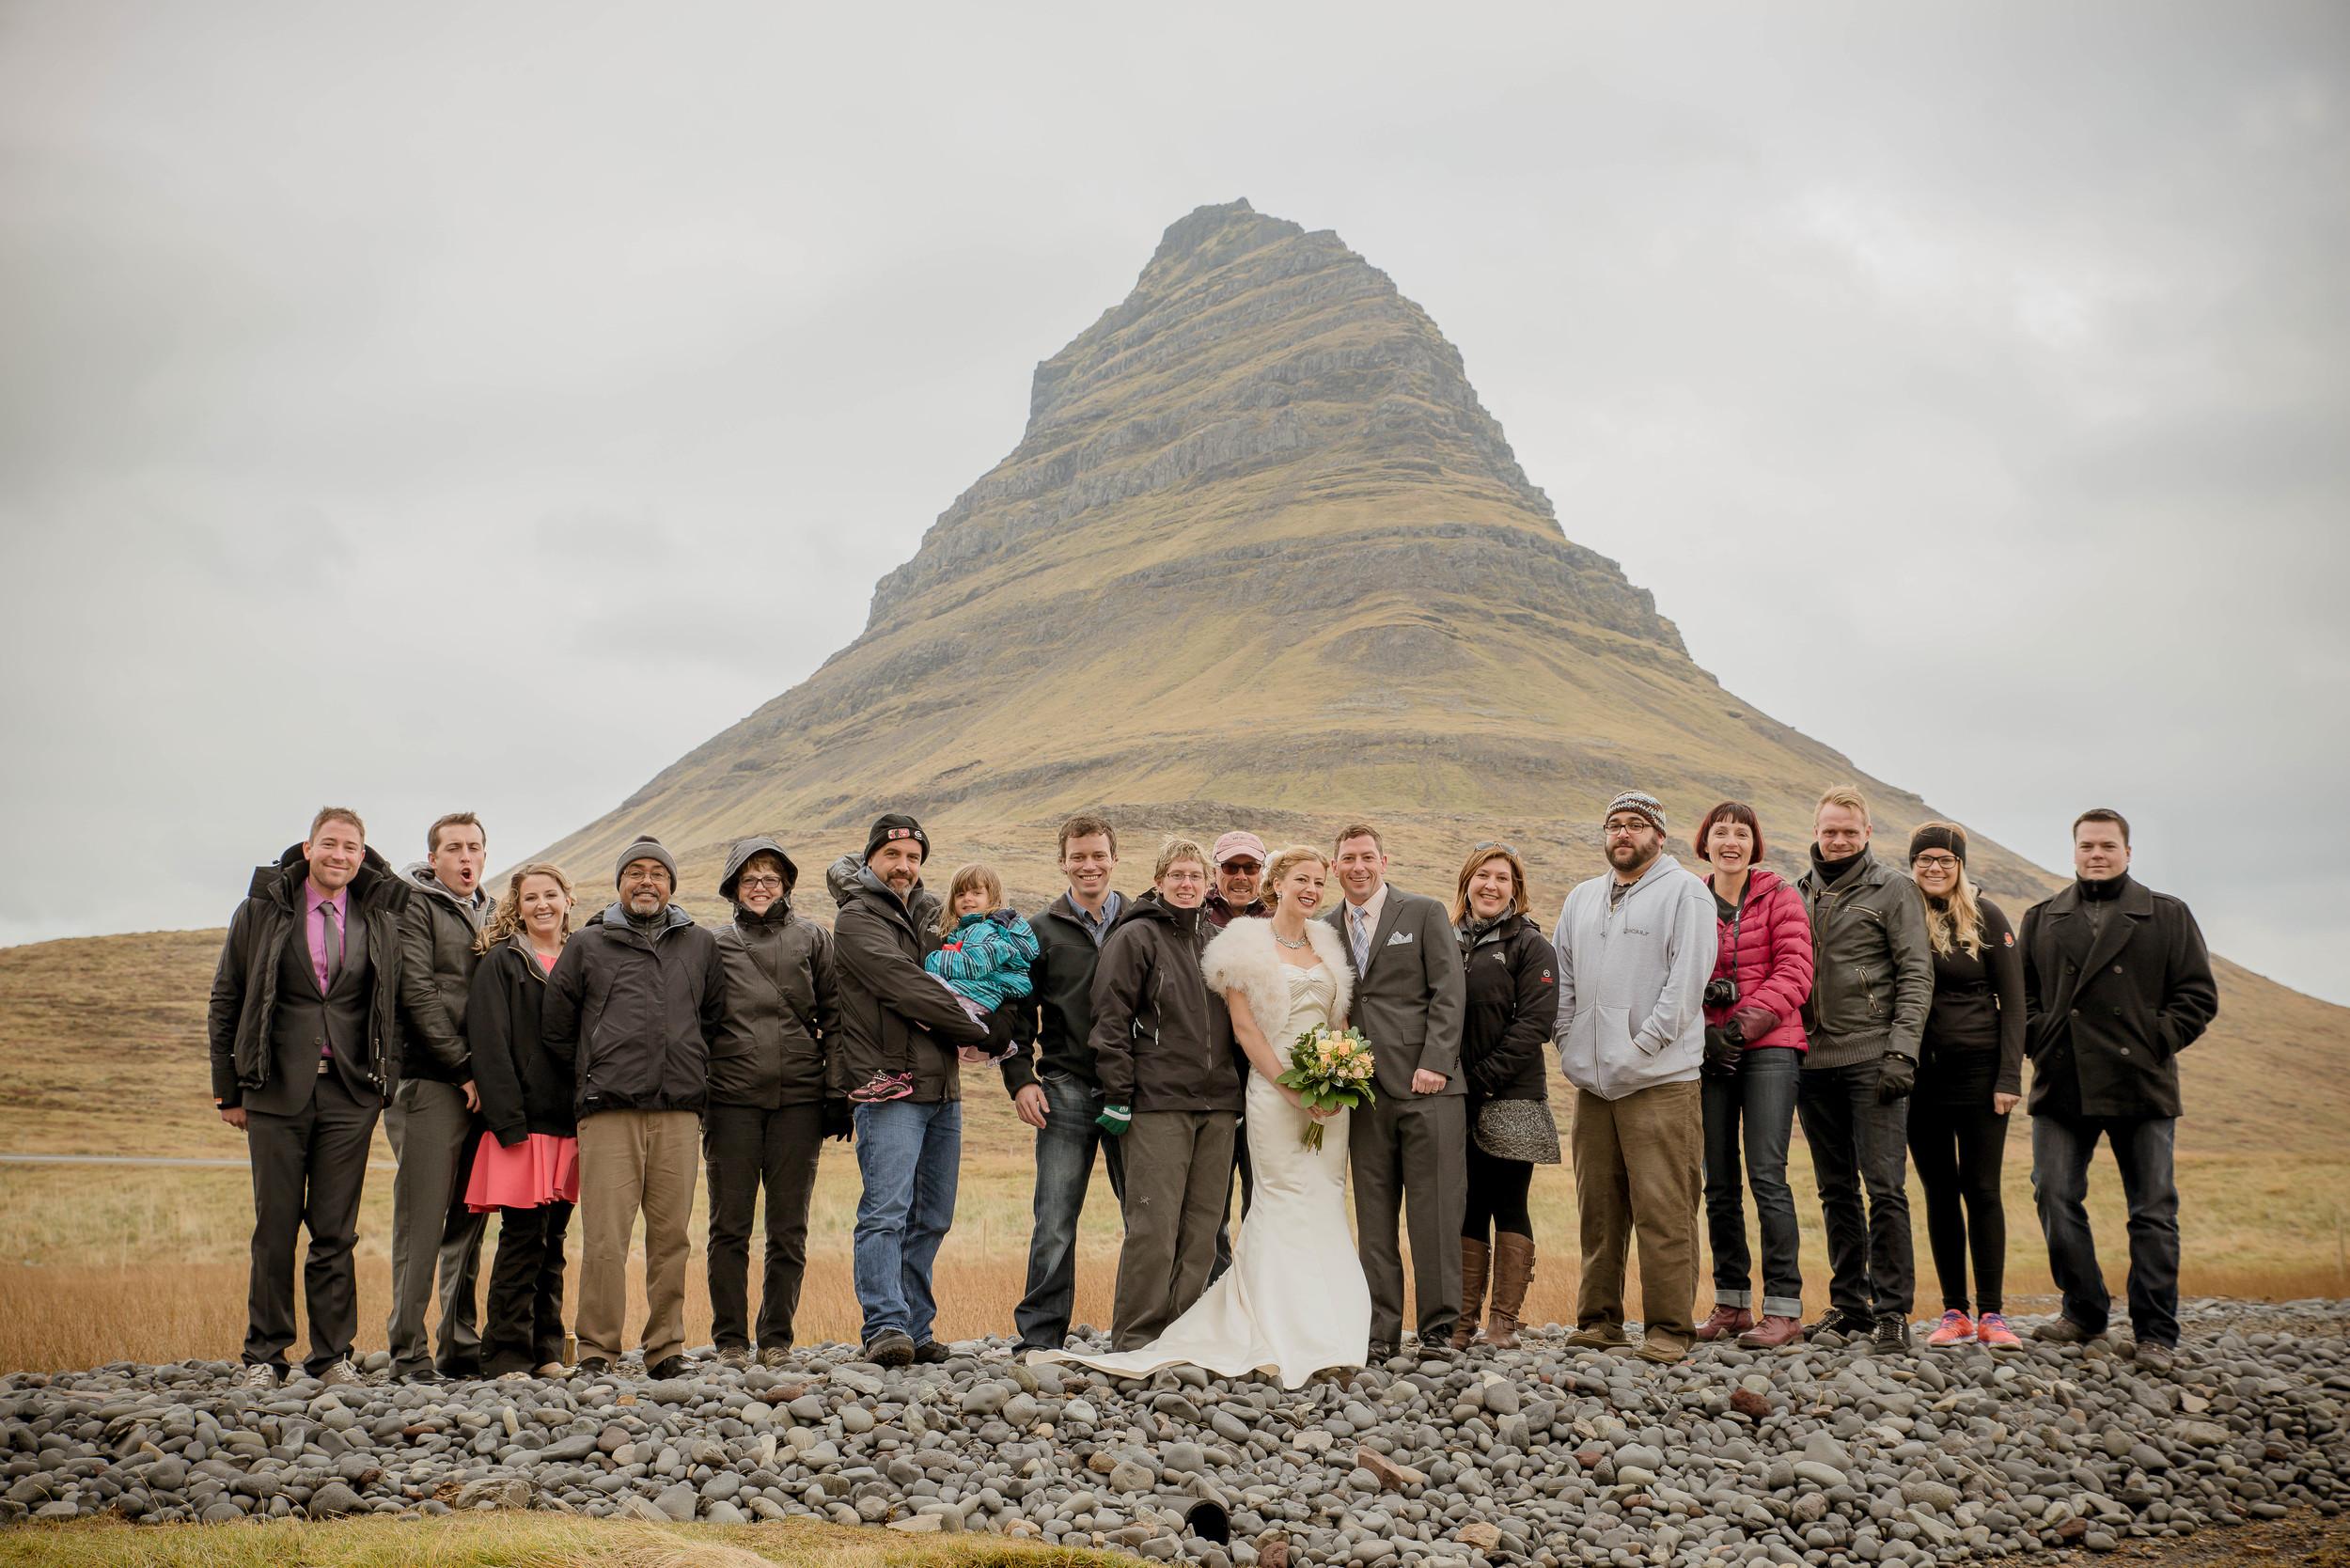 Iceland-Wedding-Photographer-Photos-by-Miss-Ann-13.jpg